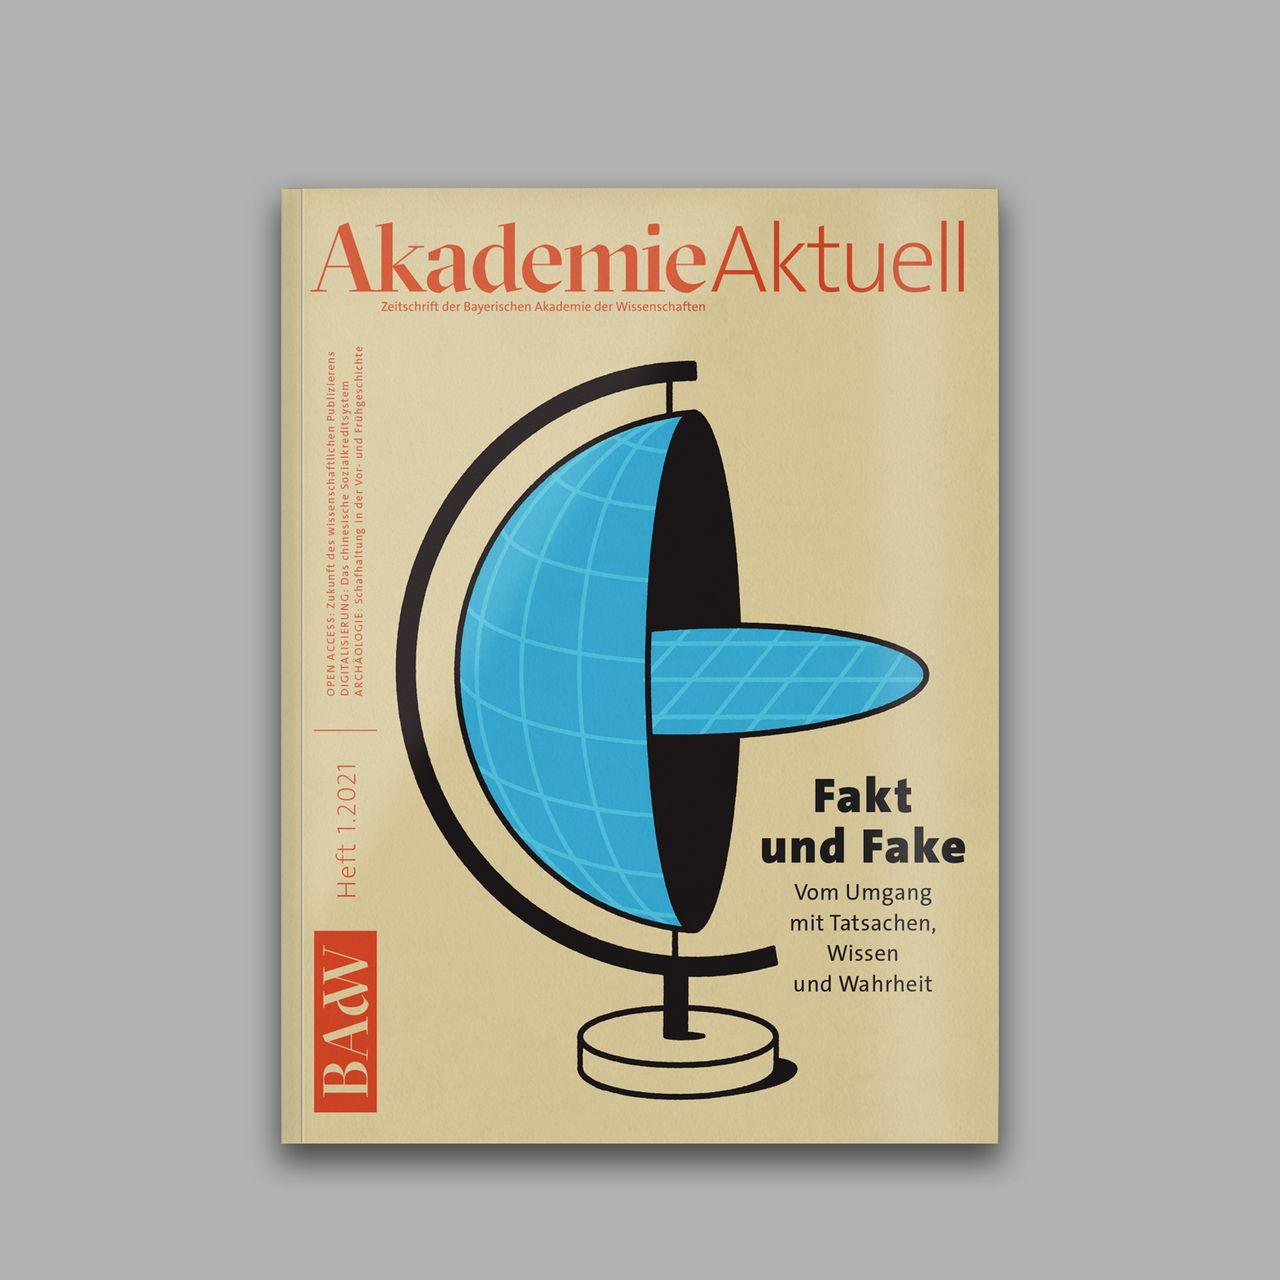 Akademie Aktuell  1.2021, Studio Umlaut